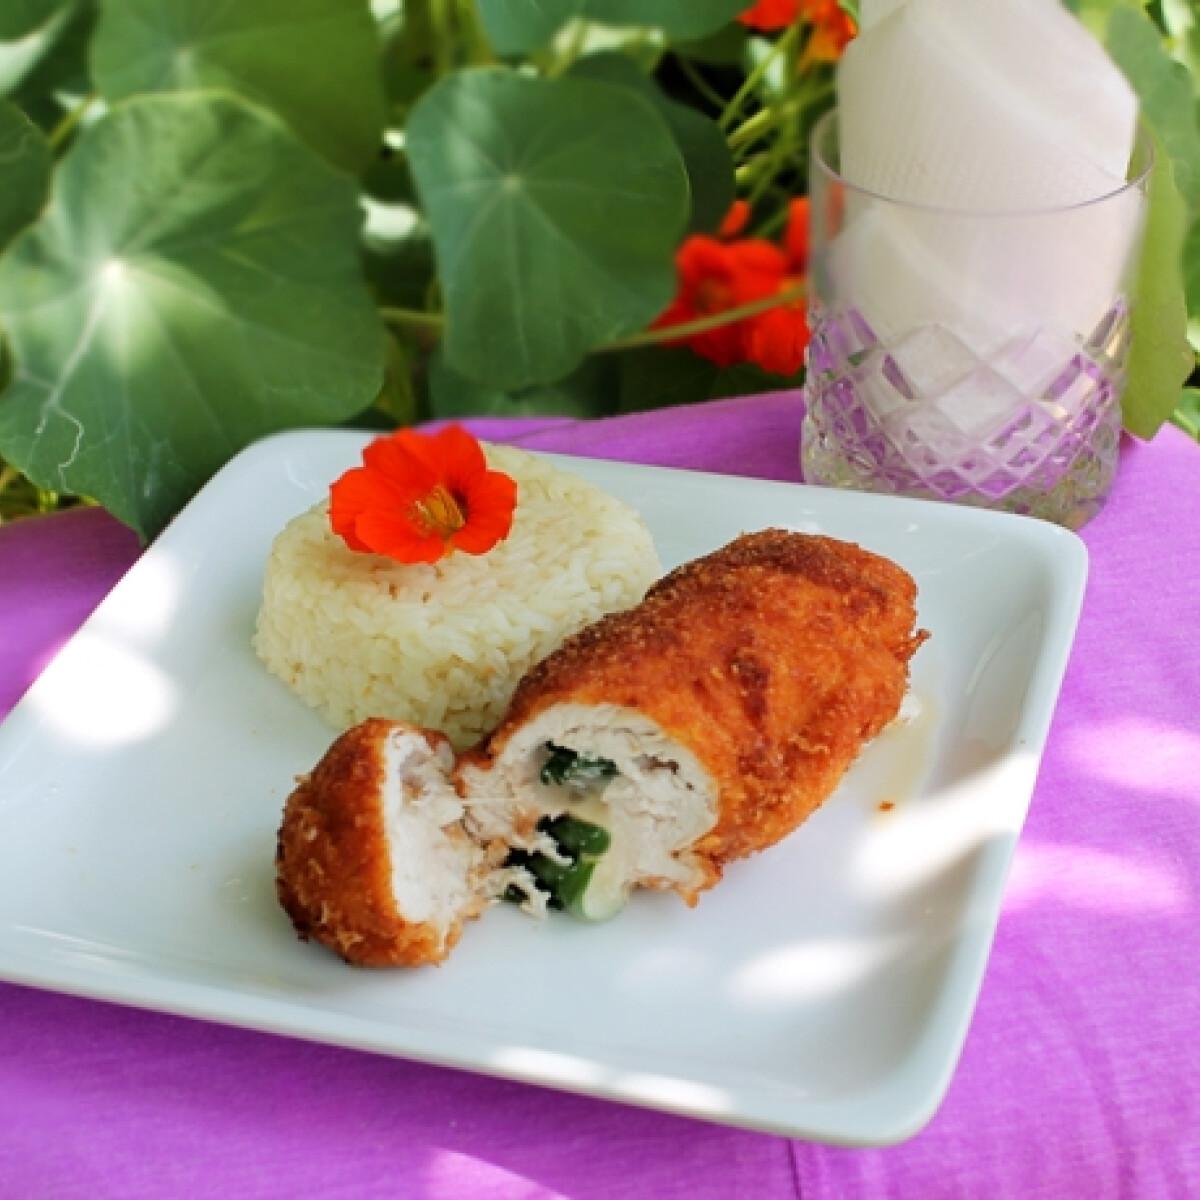 Ezen a képen: Sajttal-zellerrel töltött rántott hústekercs rizzsel